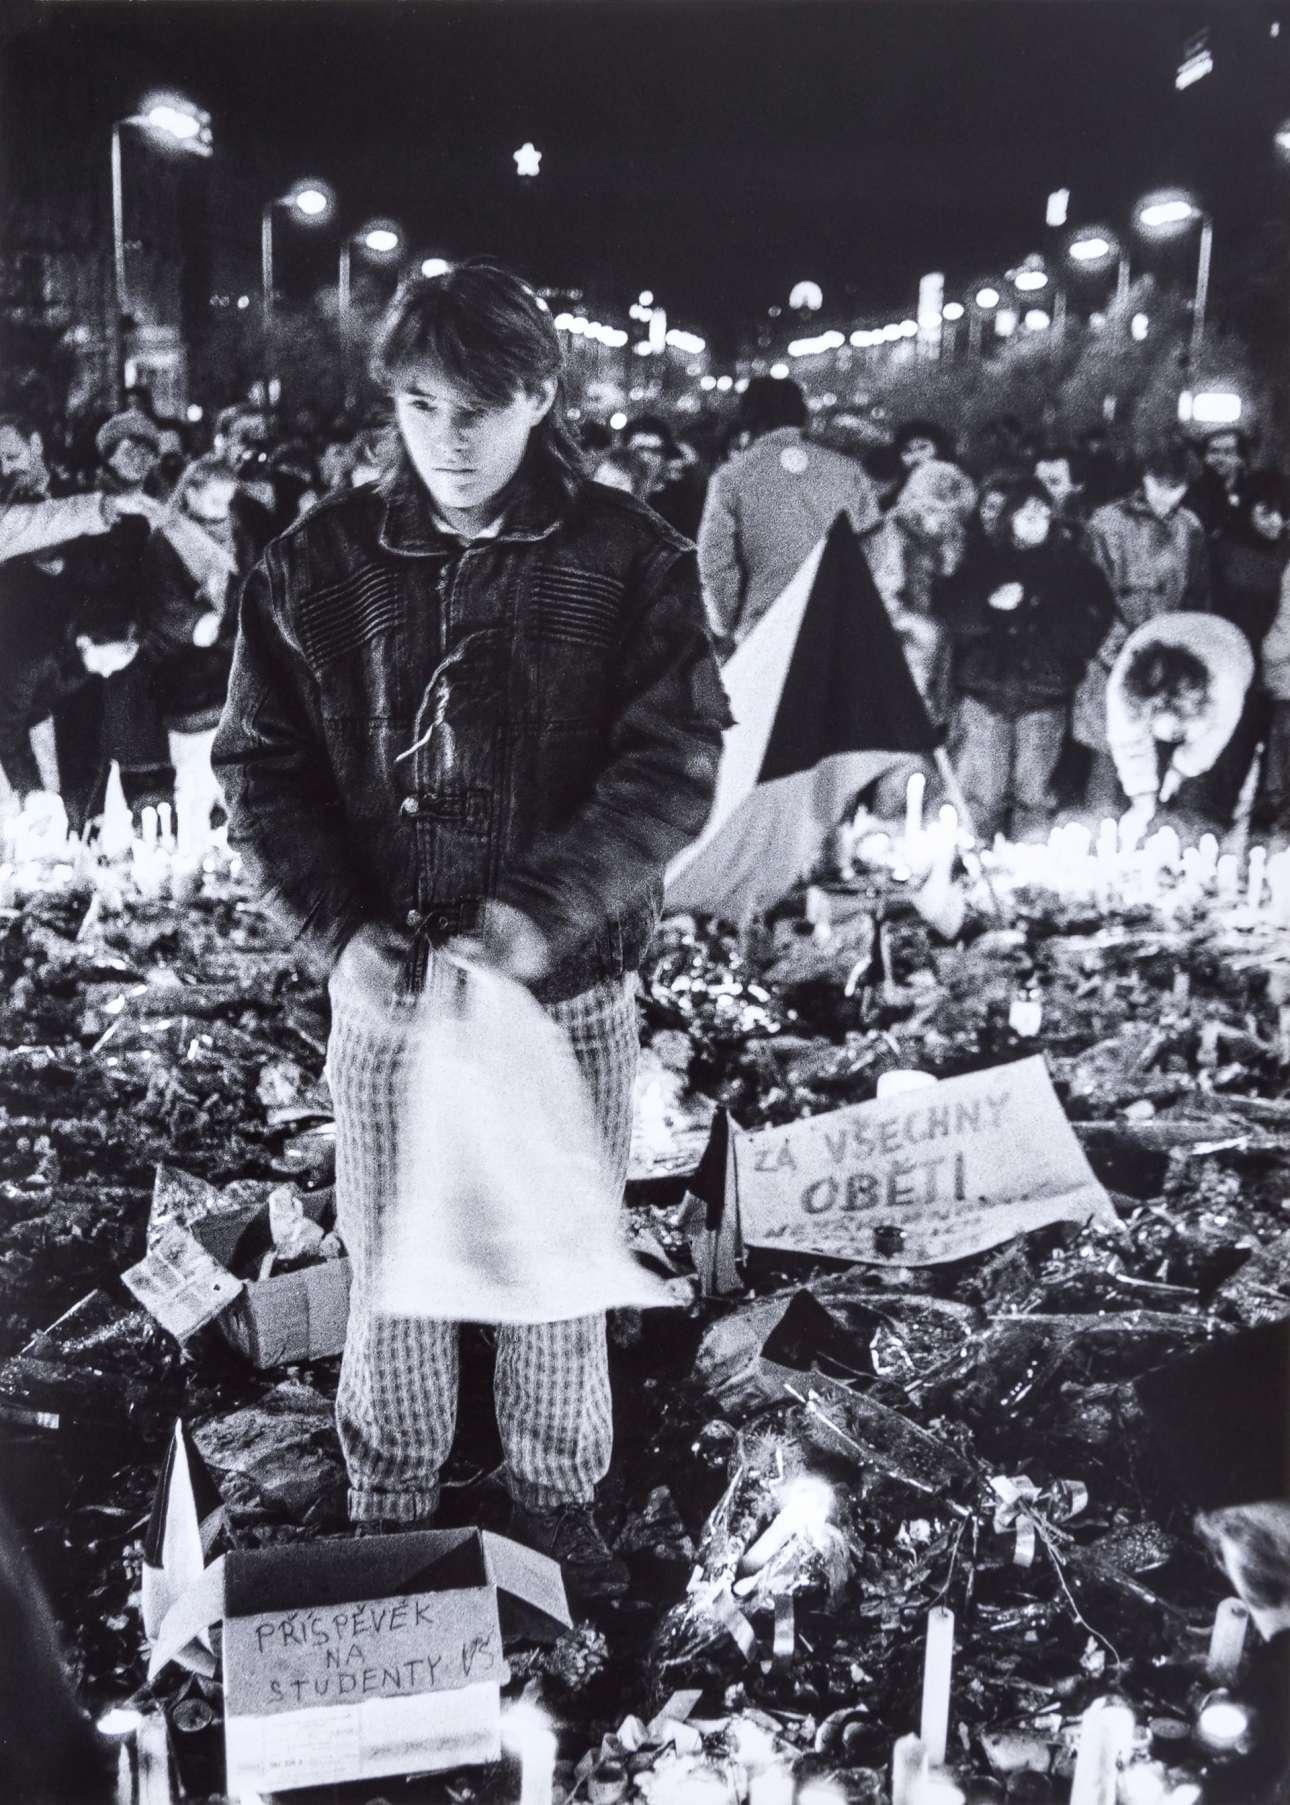 25 Νοεμβρίου: ένας νεαρός στέκεται στο σημείο της πλατείας Βέντσεσλας όπου το 1969 είχε αυτοπυρποληθεί ο φοιτητής Γιαν Πάλατς σε ένδειξη διαμαρτυρίας για την καταστολή της «άνοιξης της Πράγας» από τα σοβιετικά τεθωρακισμένα